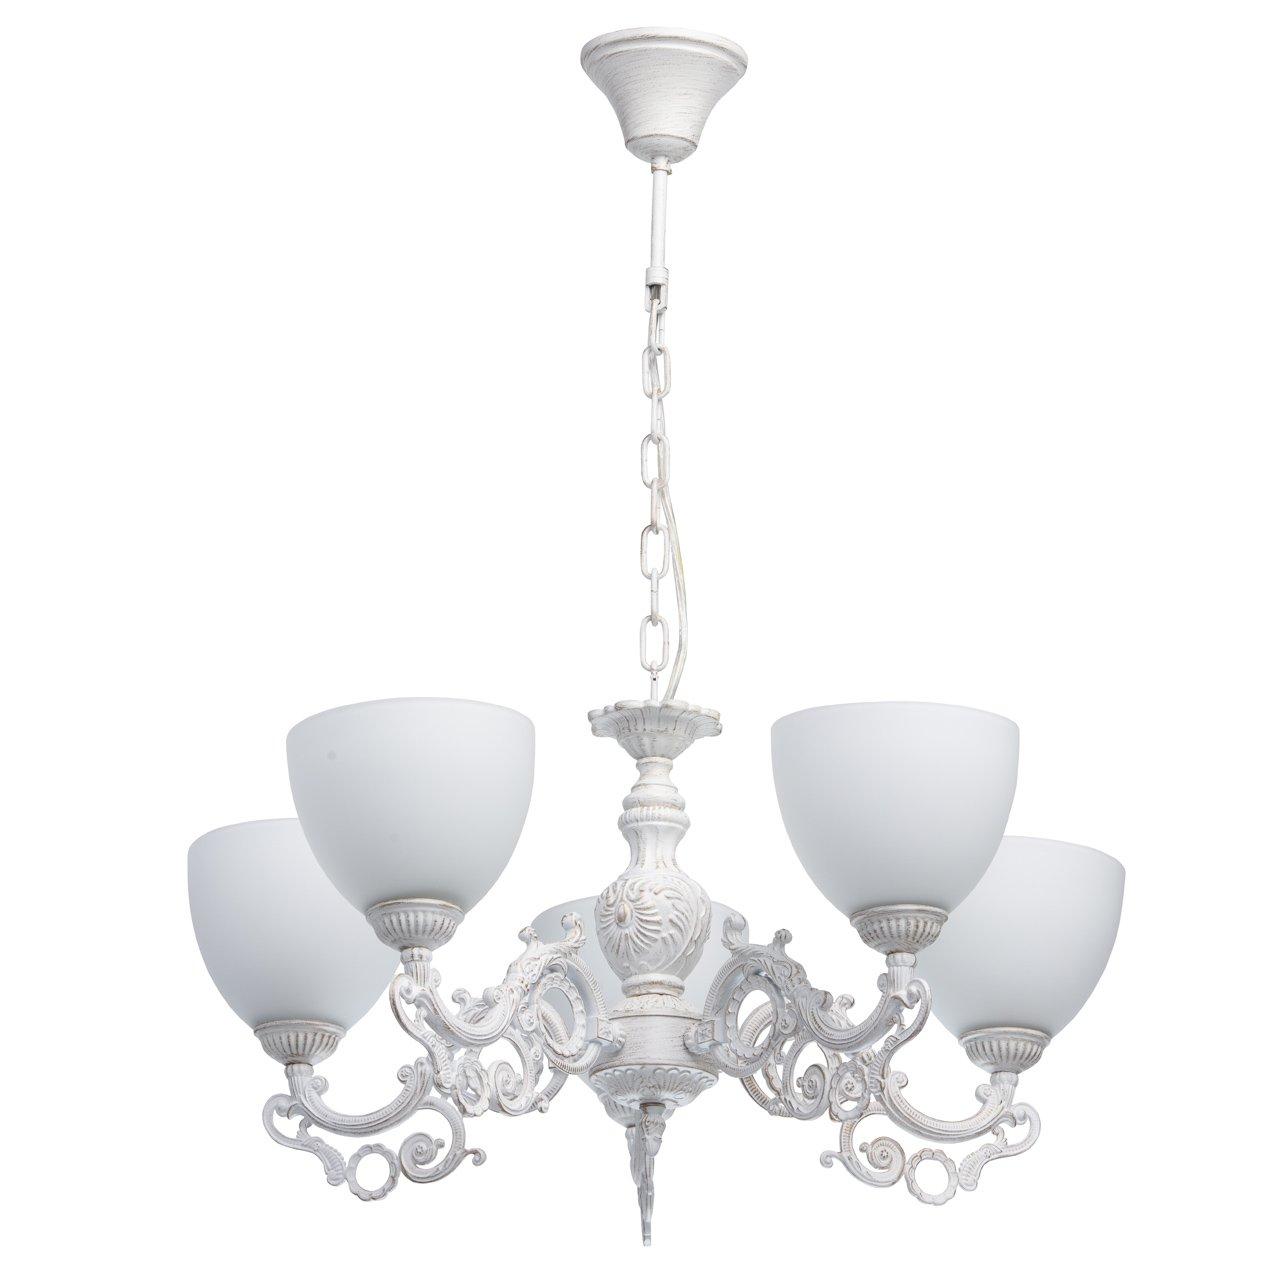 MW-Light 450016605 Kronleuchter Weiß 5 Flammig Shabby Chic Klassisch Wohnzimmer